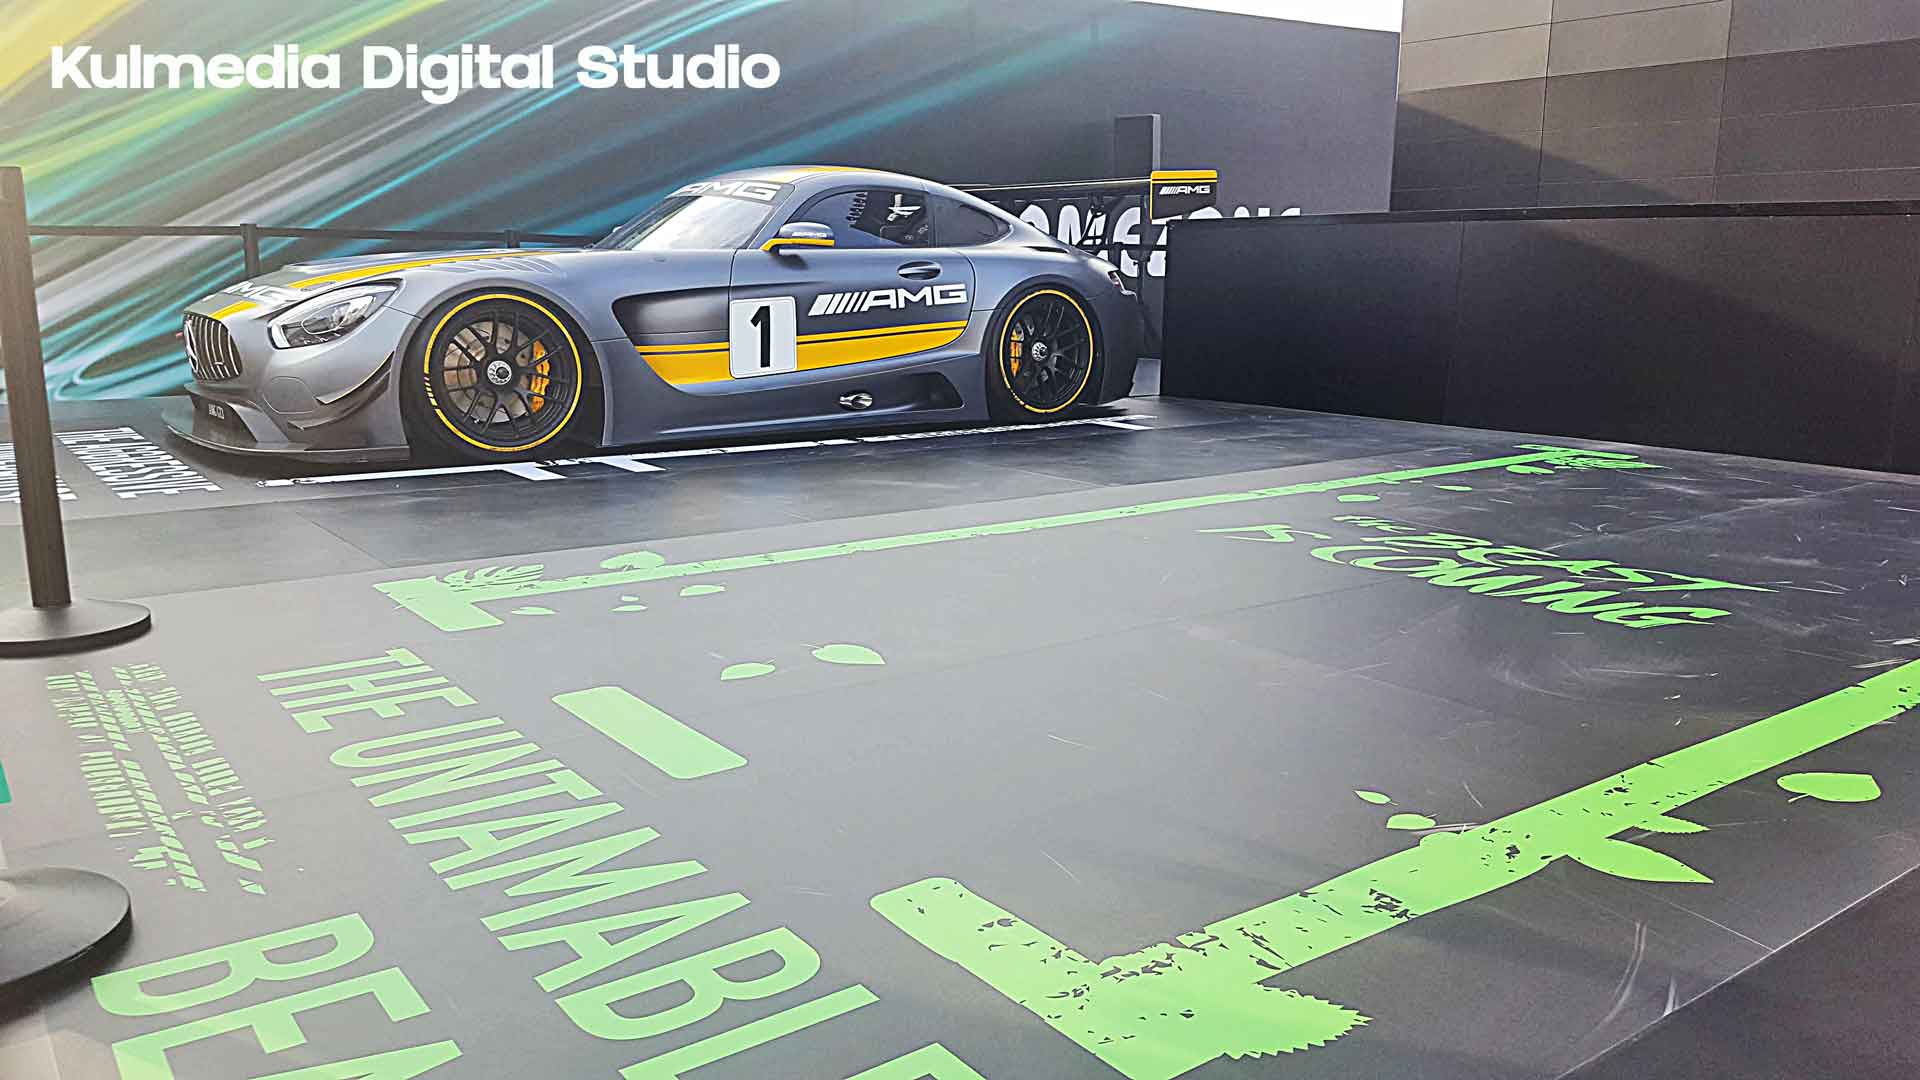 F1 Abu Dhabi Yas Marina Circuit 2016 Kulmedia Digital Studio